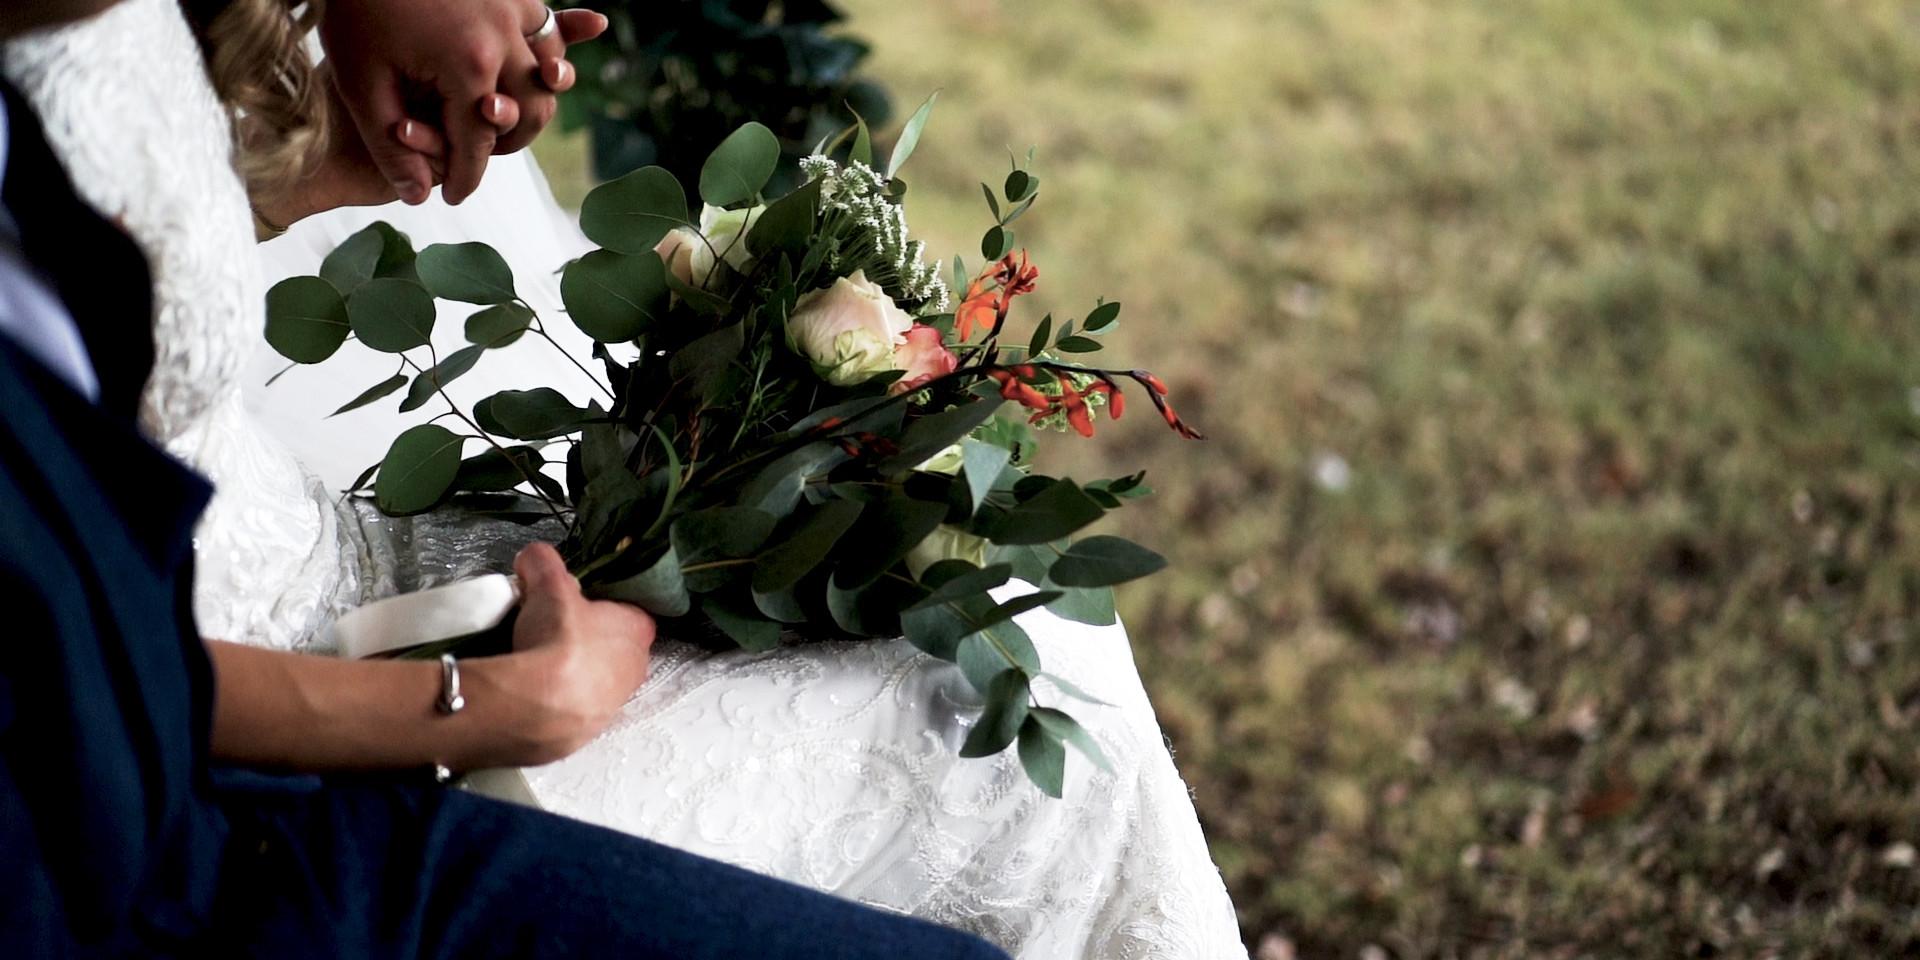 Wedding-ShortFilm.00_08_50_15.Still088.j